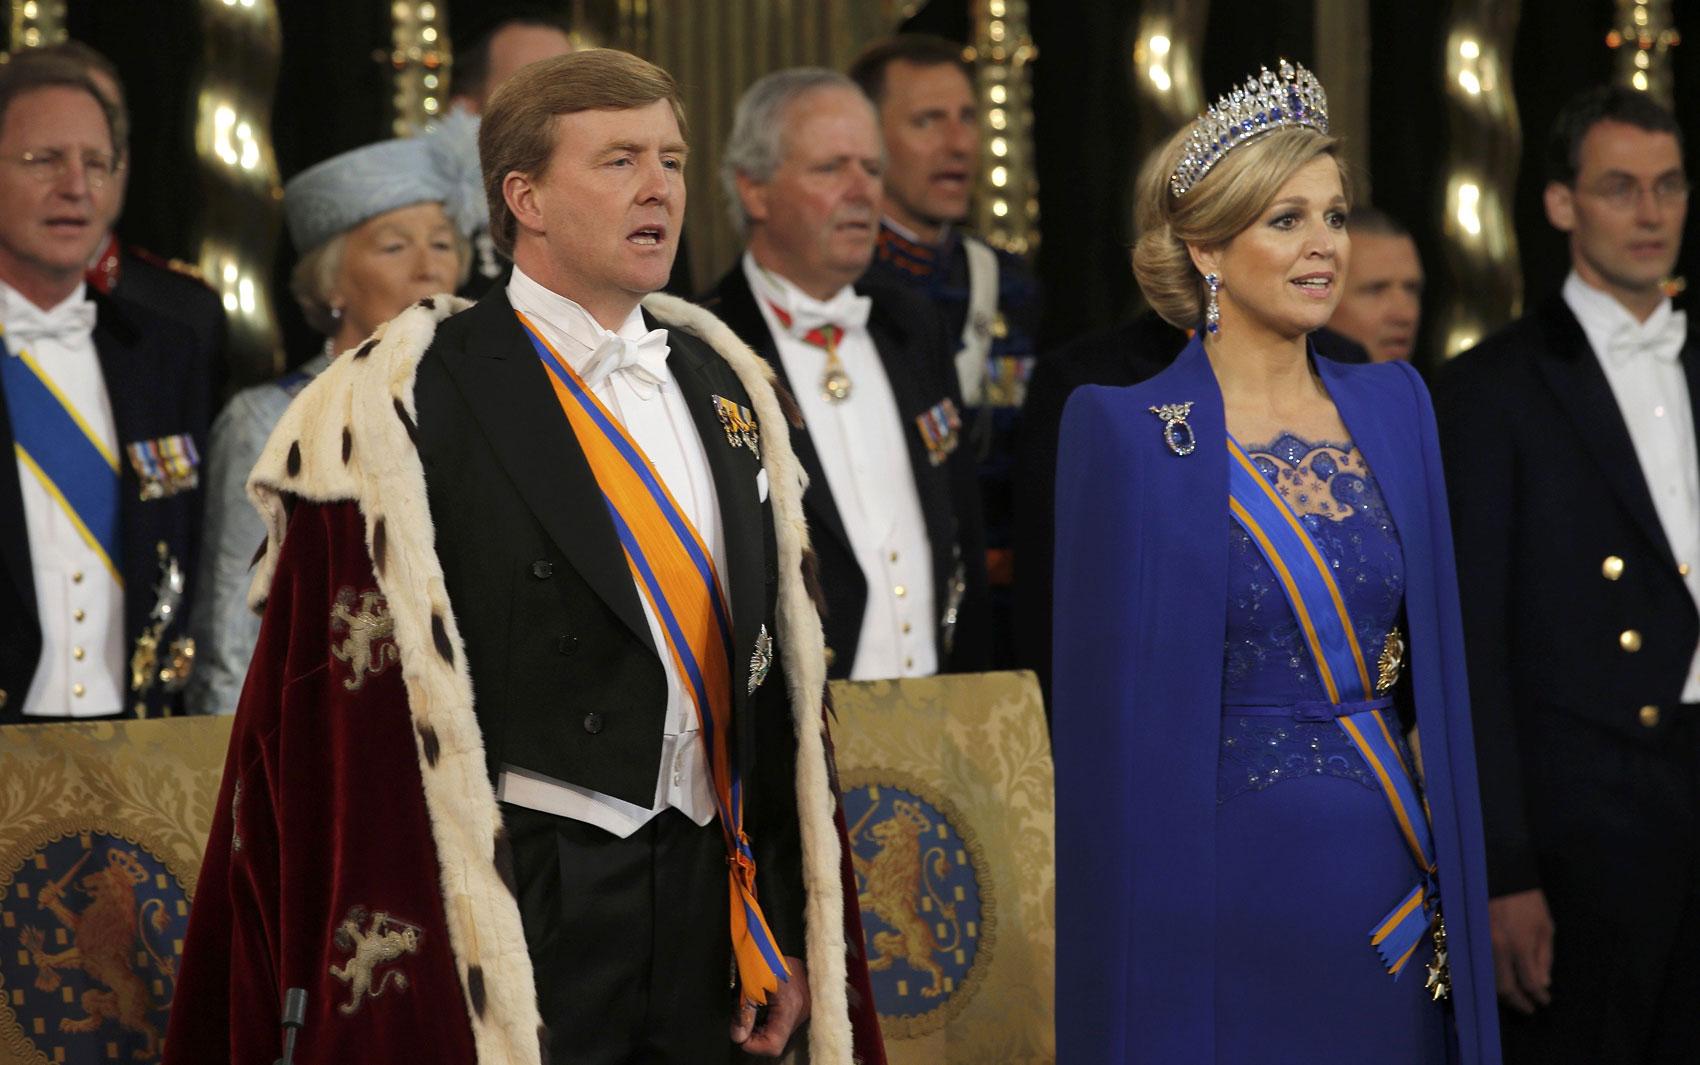 O rei Willem-Alexander e sua esposa, Maxima, participam da cerimônia em igreja de Amsterdã